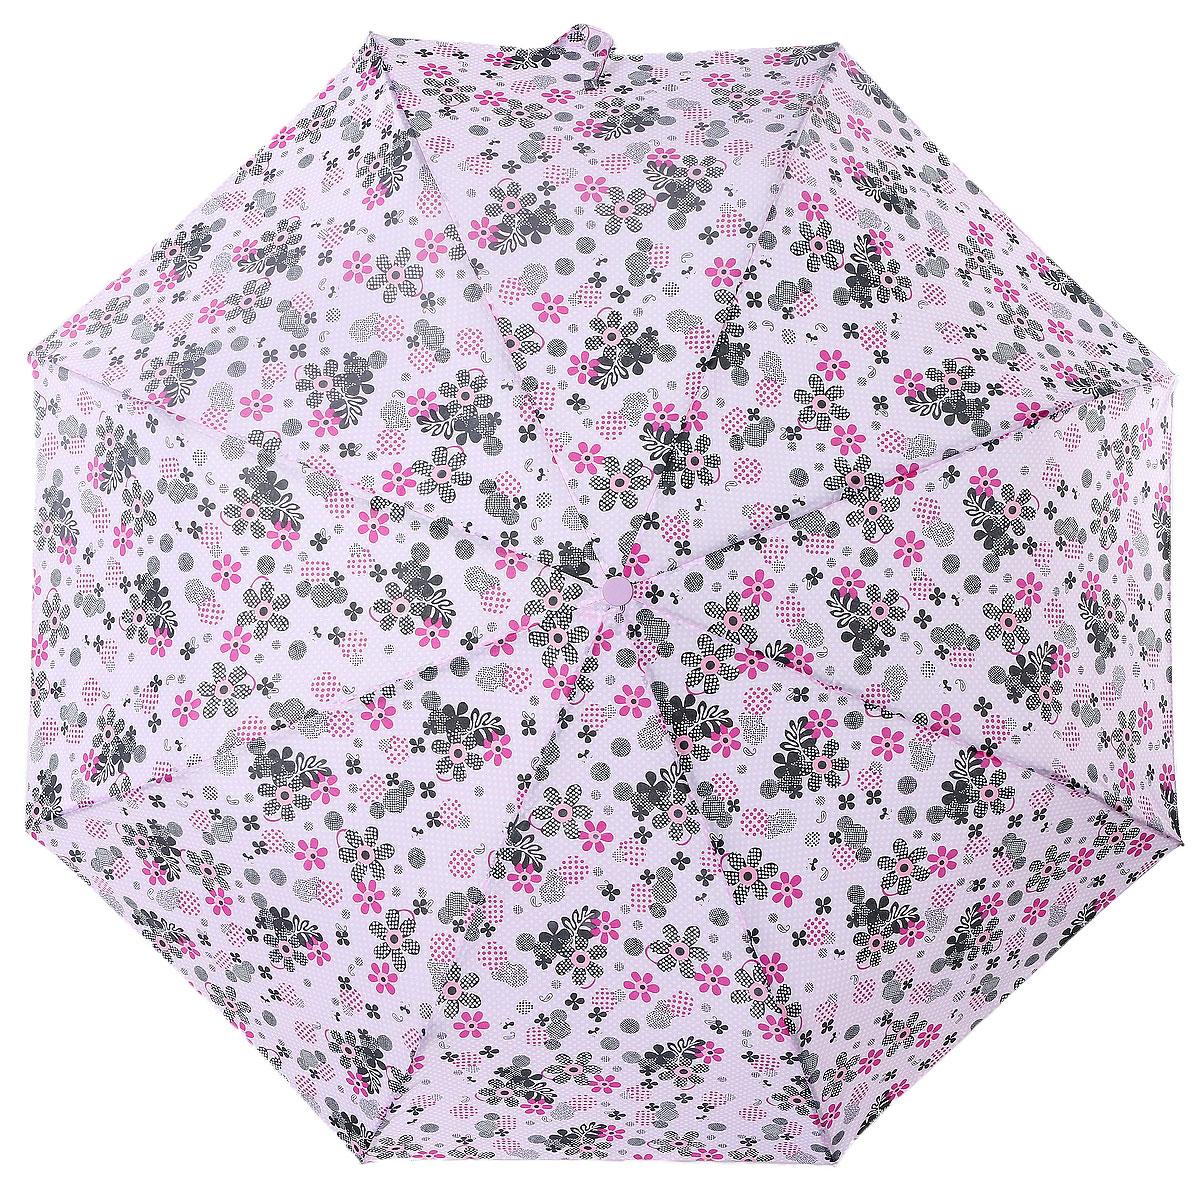 Зонт женский Artrain, автоматический, 3 сложения, цвет: розовый, черный. 3915-5008Бусы-ошейникКлассический женский зонт Artrain в 3 сложения, с автоматической системой открытия и закрытия, даже в ненастную погоду позволит вам оставаться стильной и элегантной. Удобная ручка выполнена из пластика. Купол зонта изготовлен из прочного полиэстера. Модель зонта выполнена в стандартном размере, оснащена системой антиветер. На рукоятке для удобства есть небольшой шнурок, позволяющий надеть зонт на руку тогда, когда это будет необходимо. К зонту прилагается чехол.Этот стильный аксессуар поместится практически в любую женскую сумочку благодаря своим небольшим размерам.